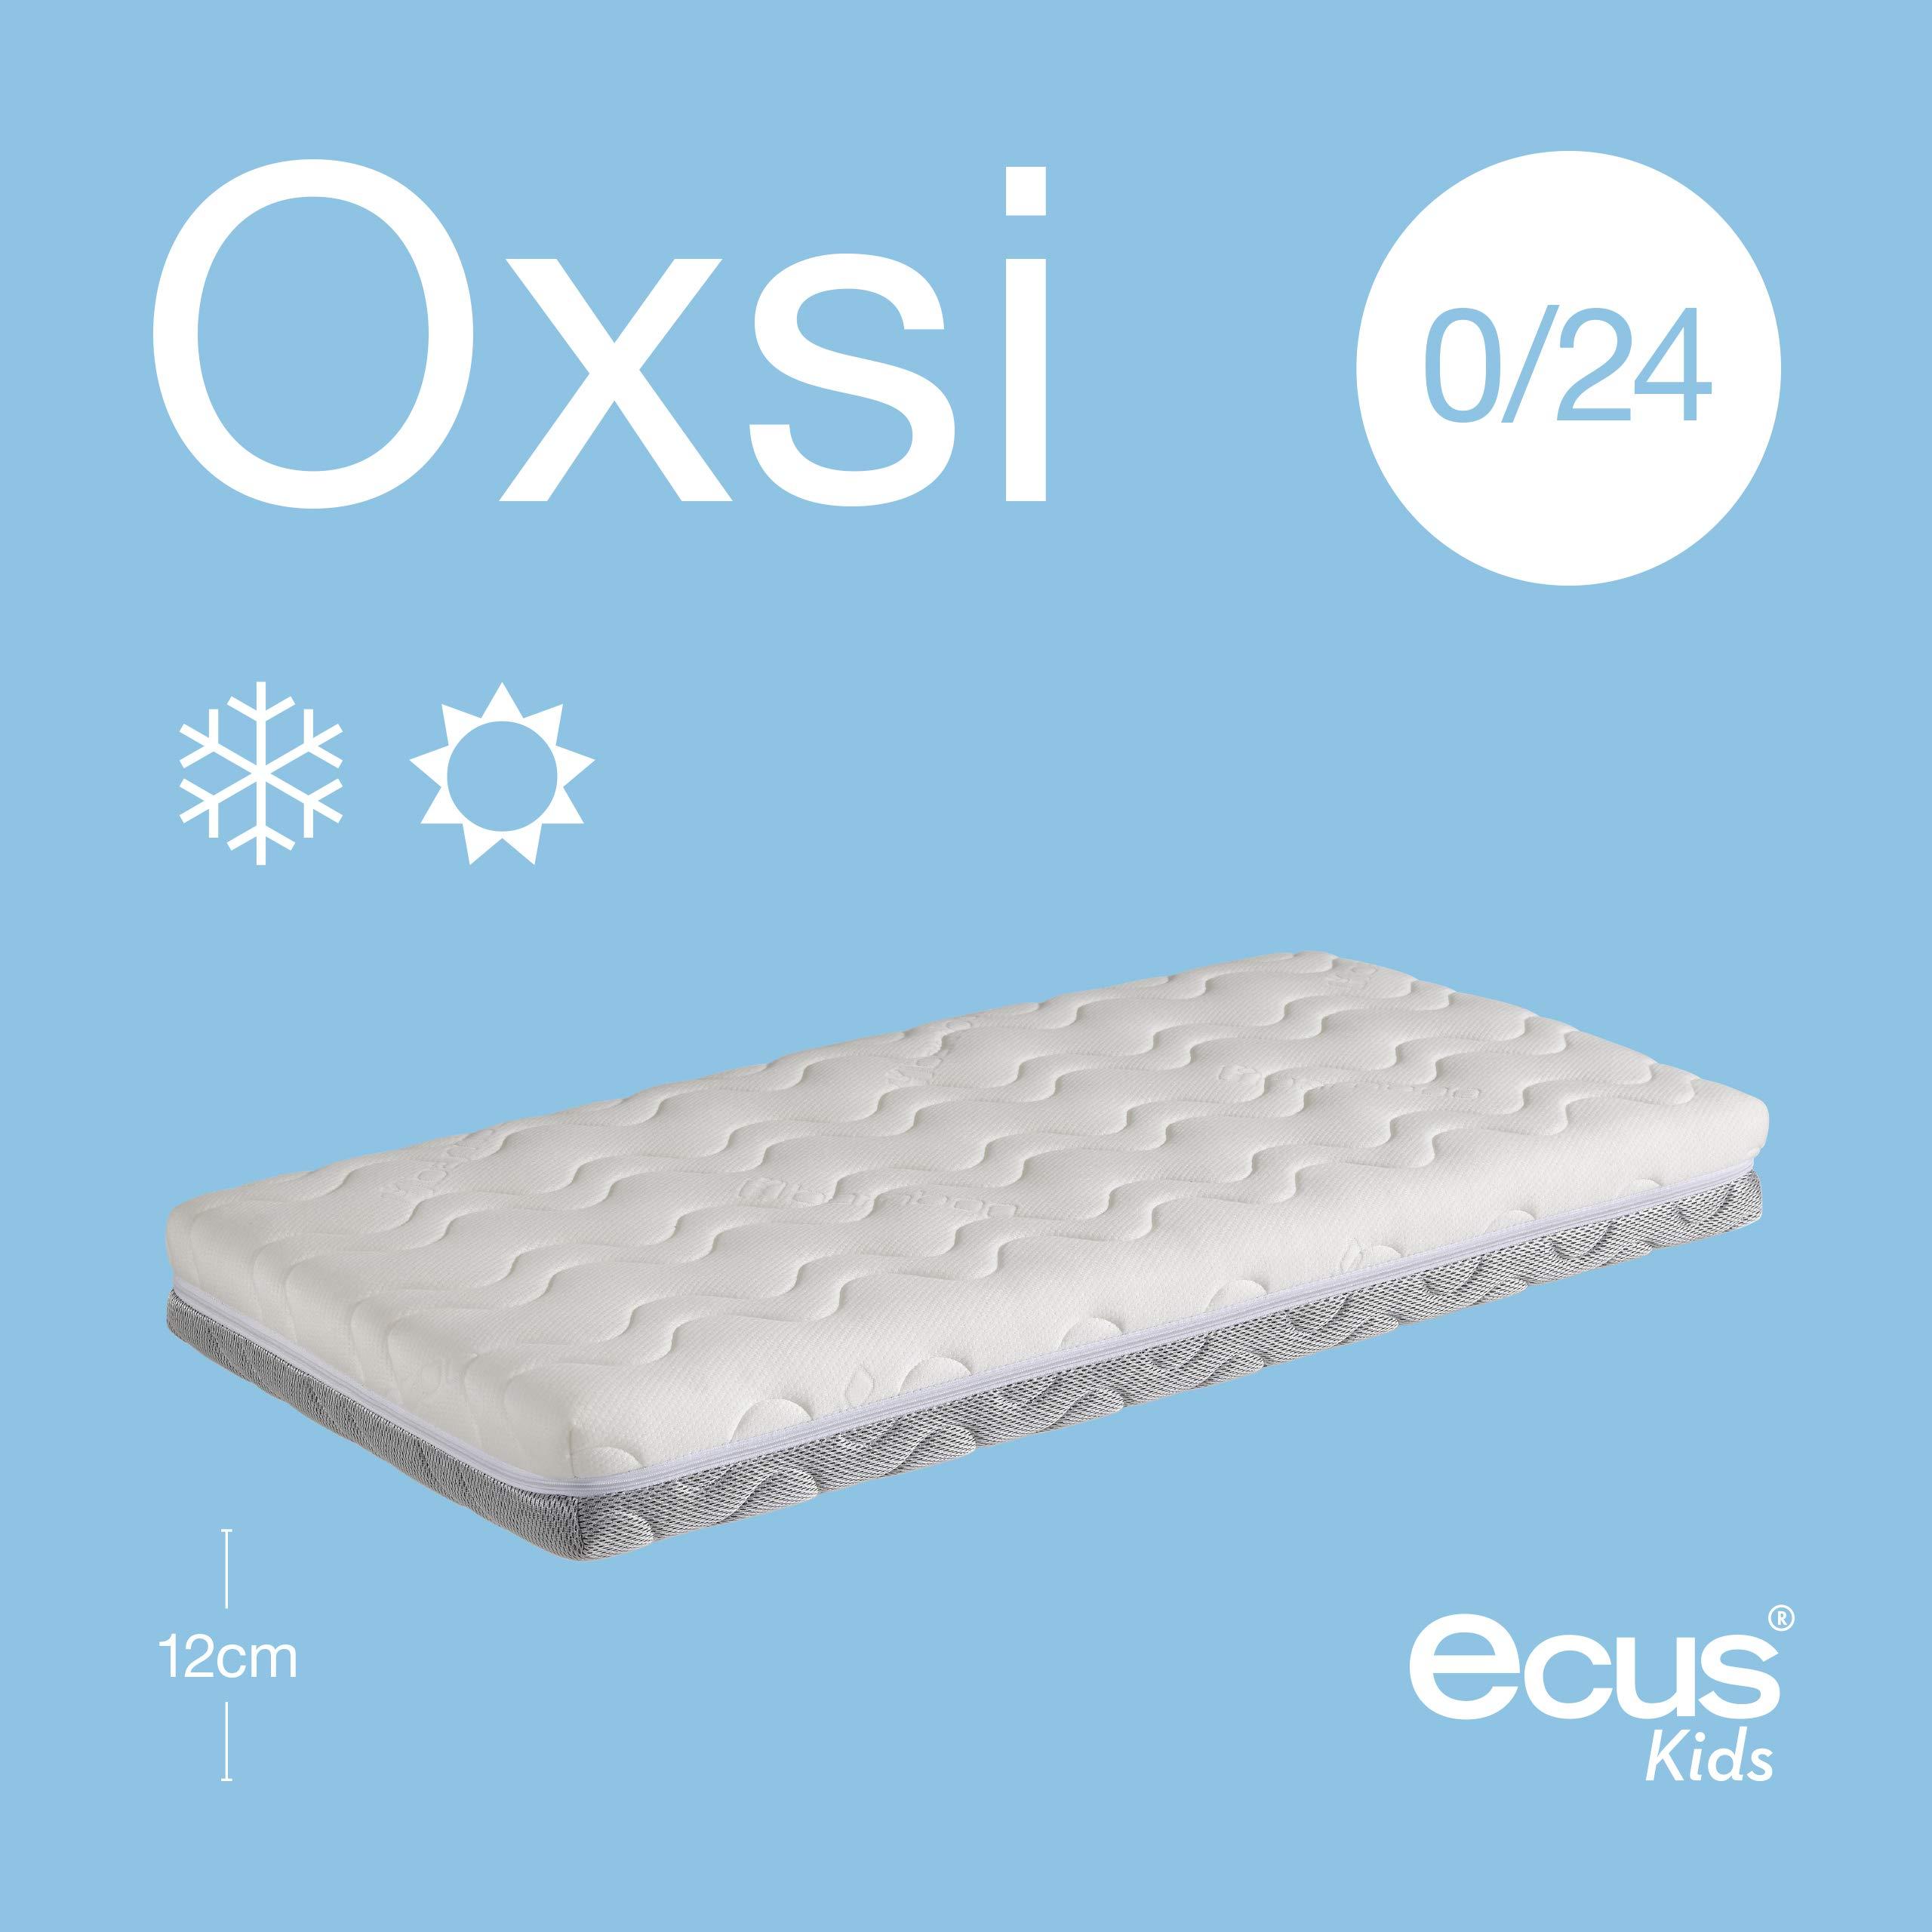 Ecus Kids OXSI, Colchón de cuna Oxígena HR con cremallera perimetral, cara antiasfixia e invierno, 140cm x 70cm product image